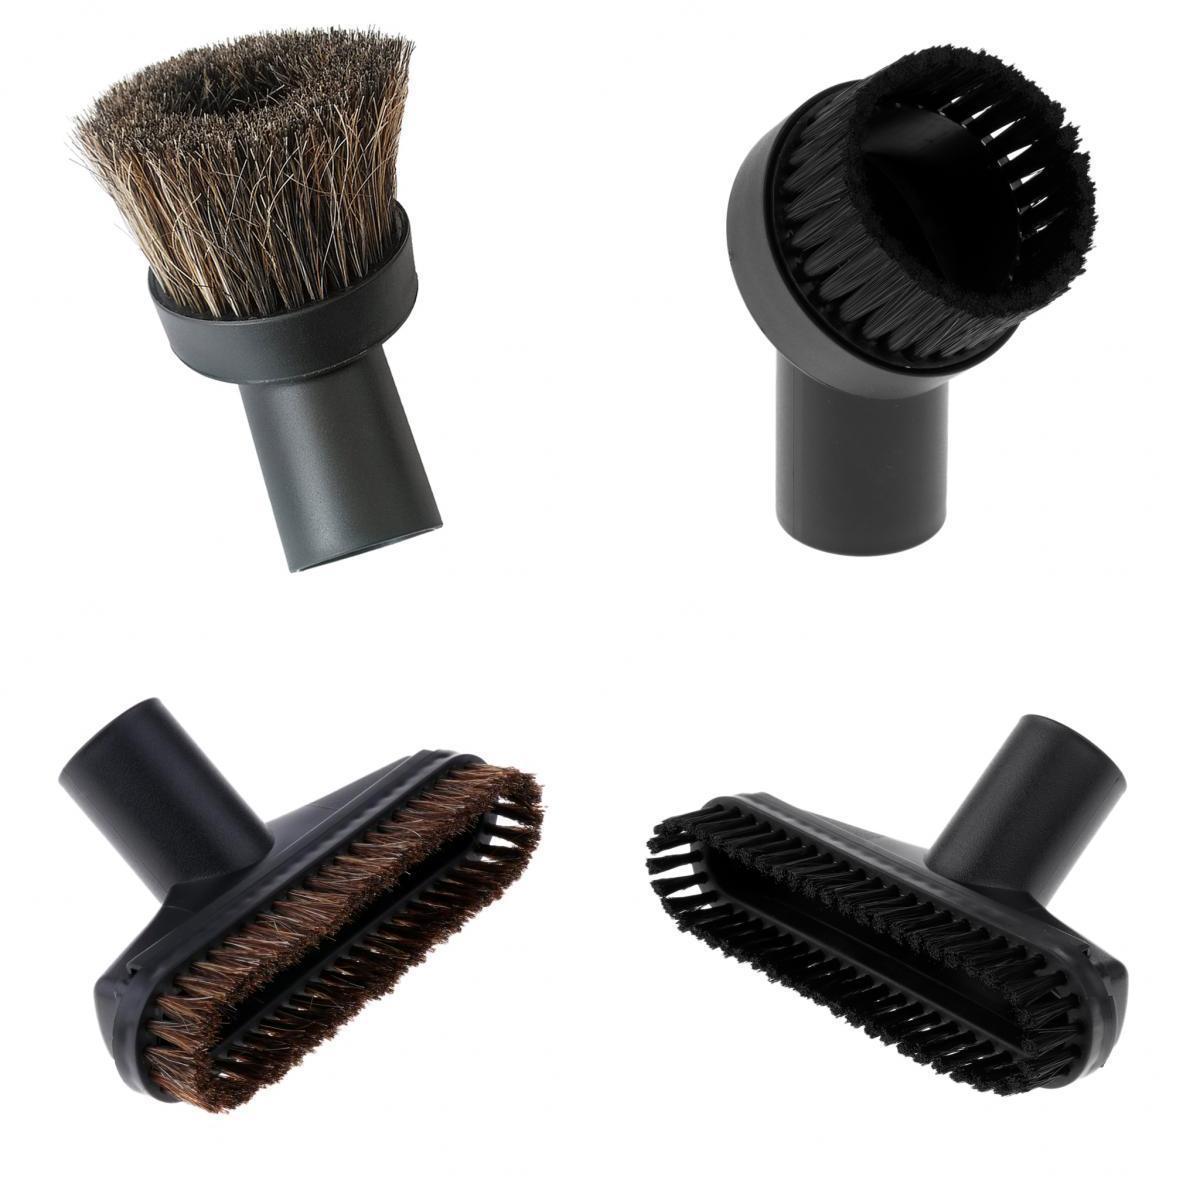 4pcs Vacuum Cleaner Brushes Soft